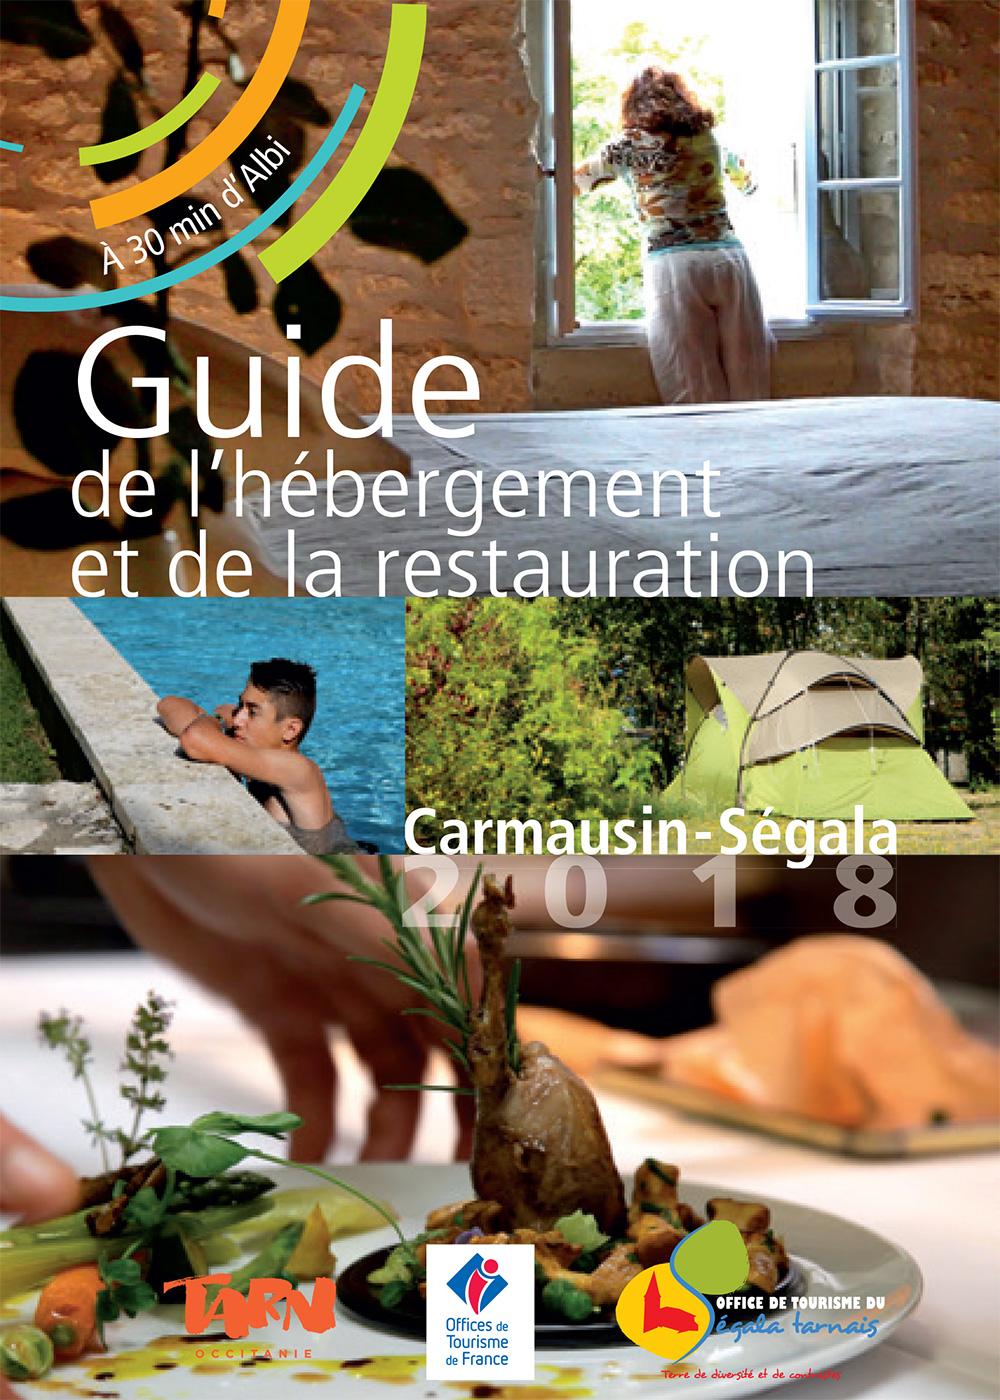 Guide de l'hébergement du Ségala tarnais